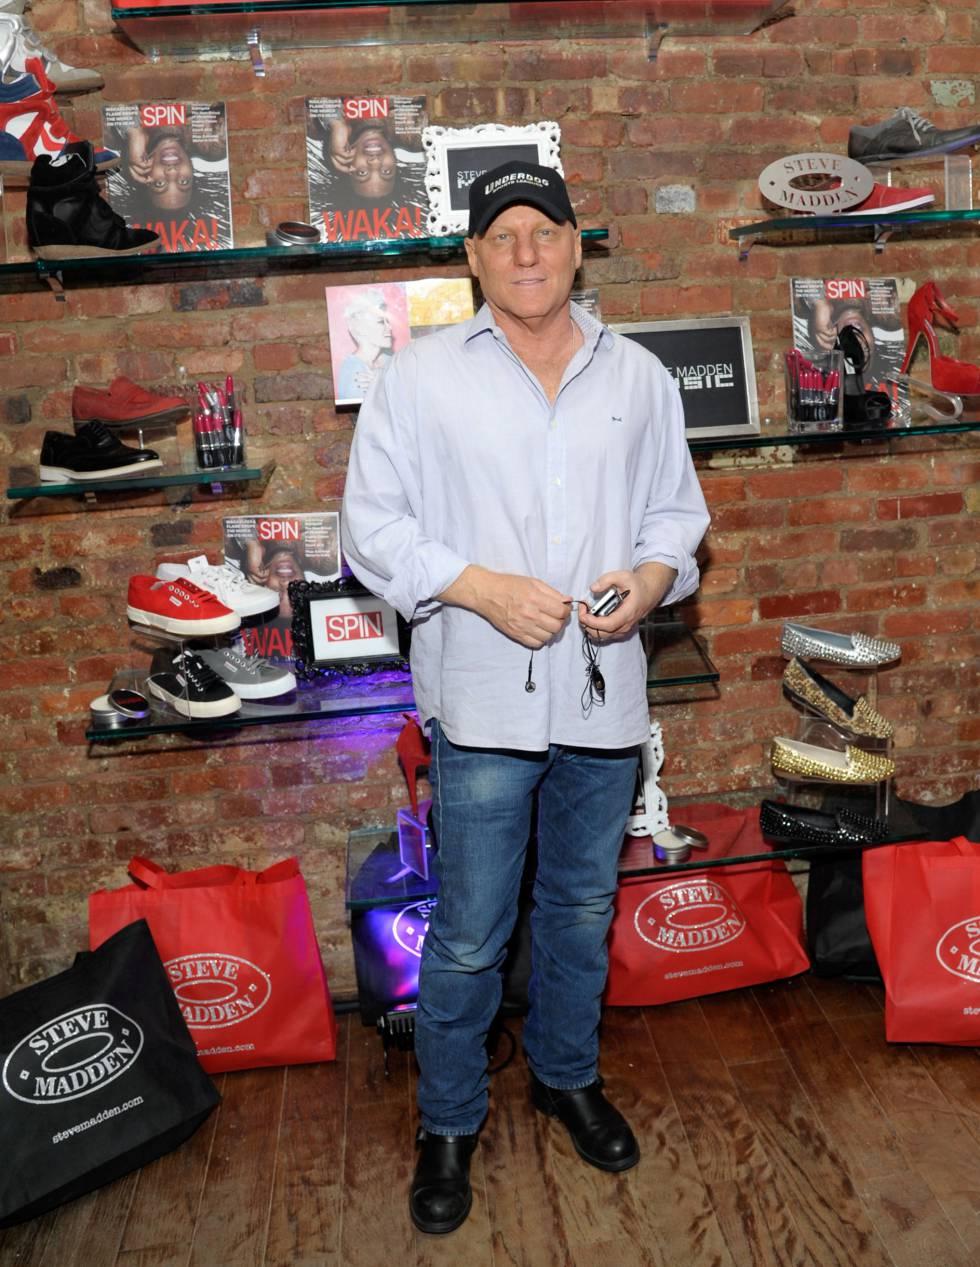 trabajo Trascender Extraordinario  Maddman': Steve Madden, de chico de almacén a gigante del calzado | Estilo  | EL PAÍS